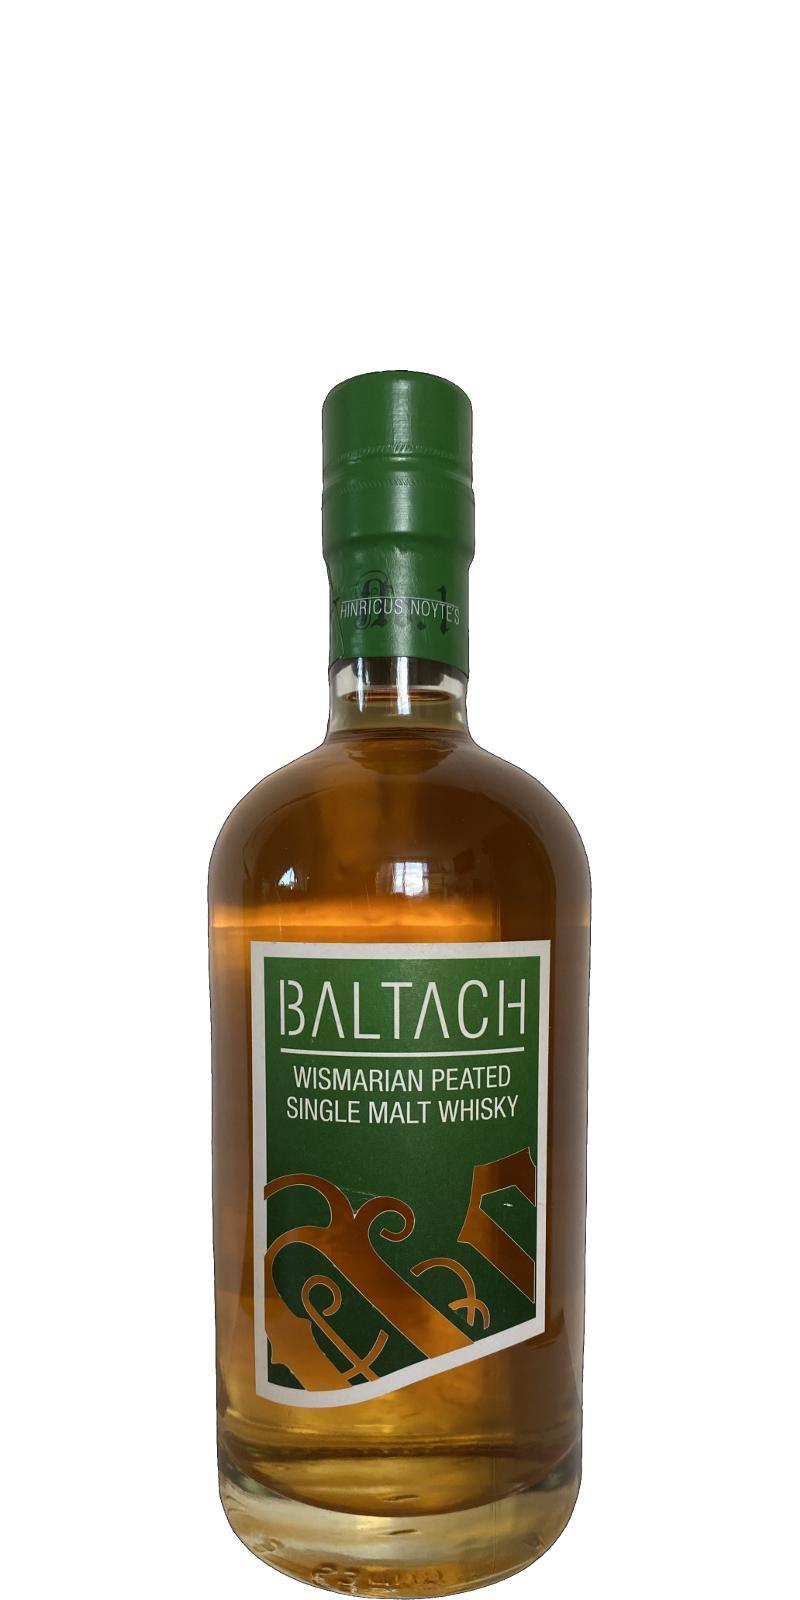 Baltach 04-year-old